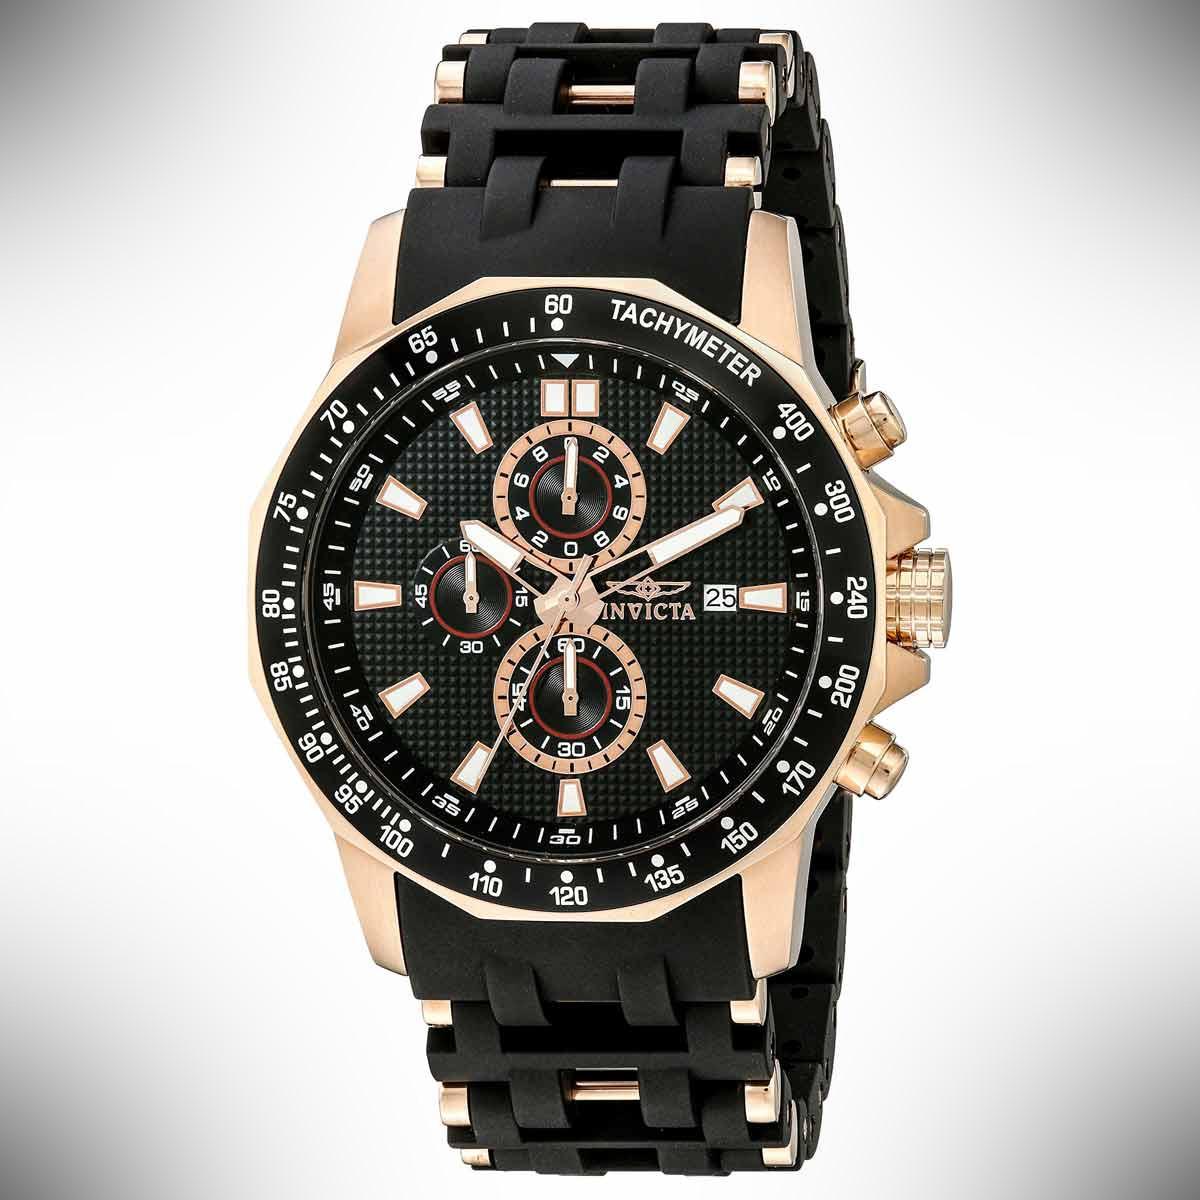 Sea Spider Chronograph 1932 – invicta watch